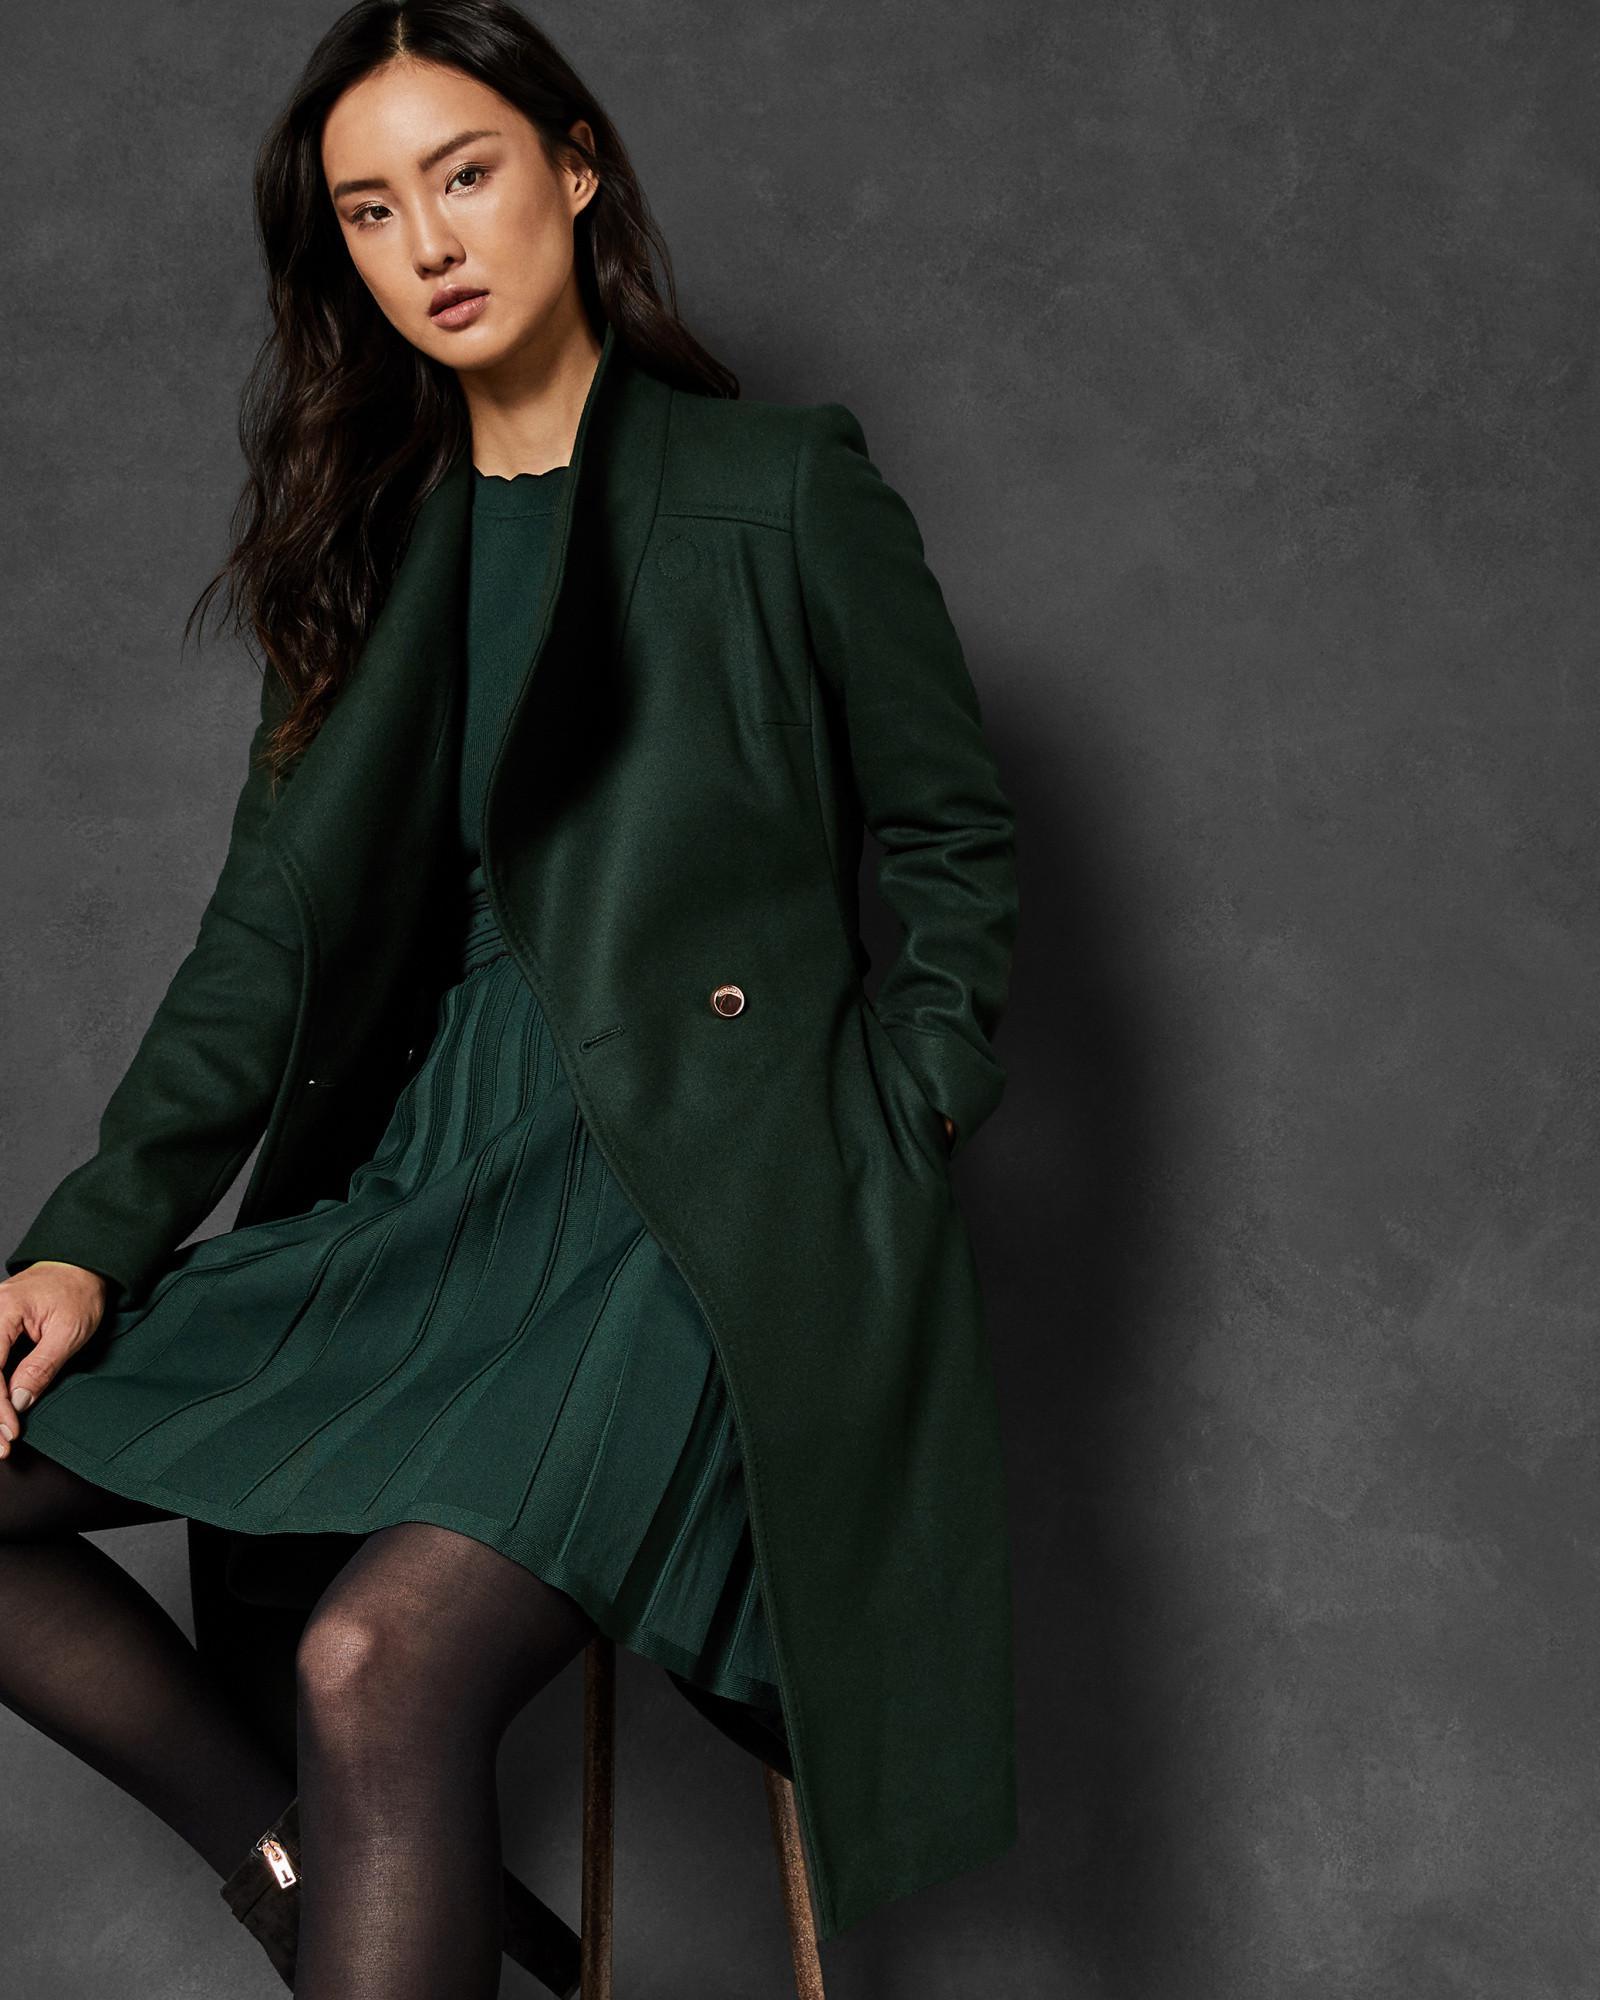 d493372d2e1286 Lyst - Ted Baker Midi Wool Wrap Coat in Green